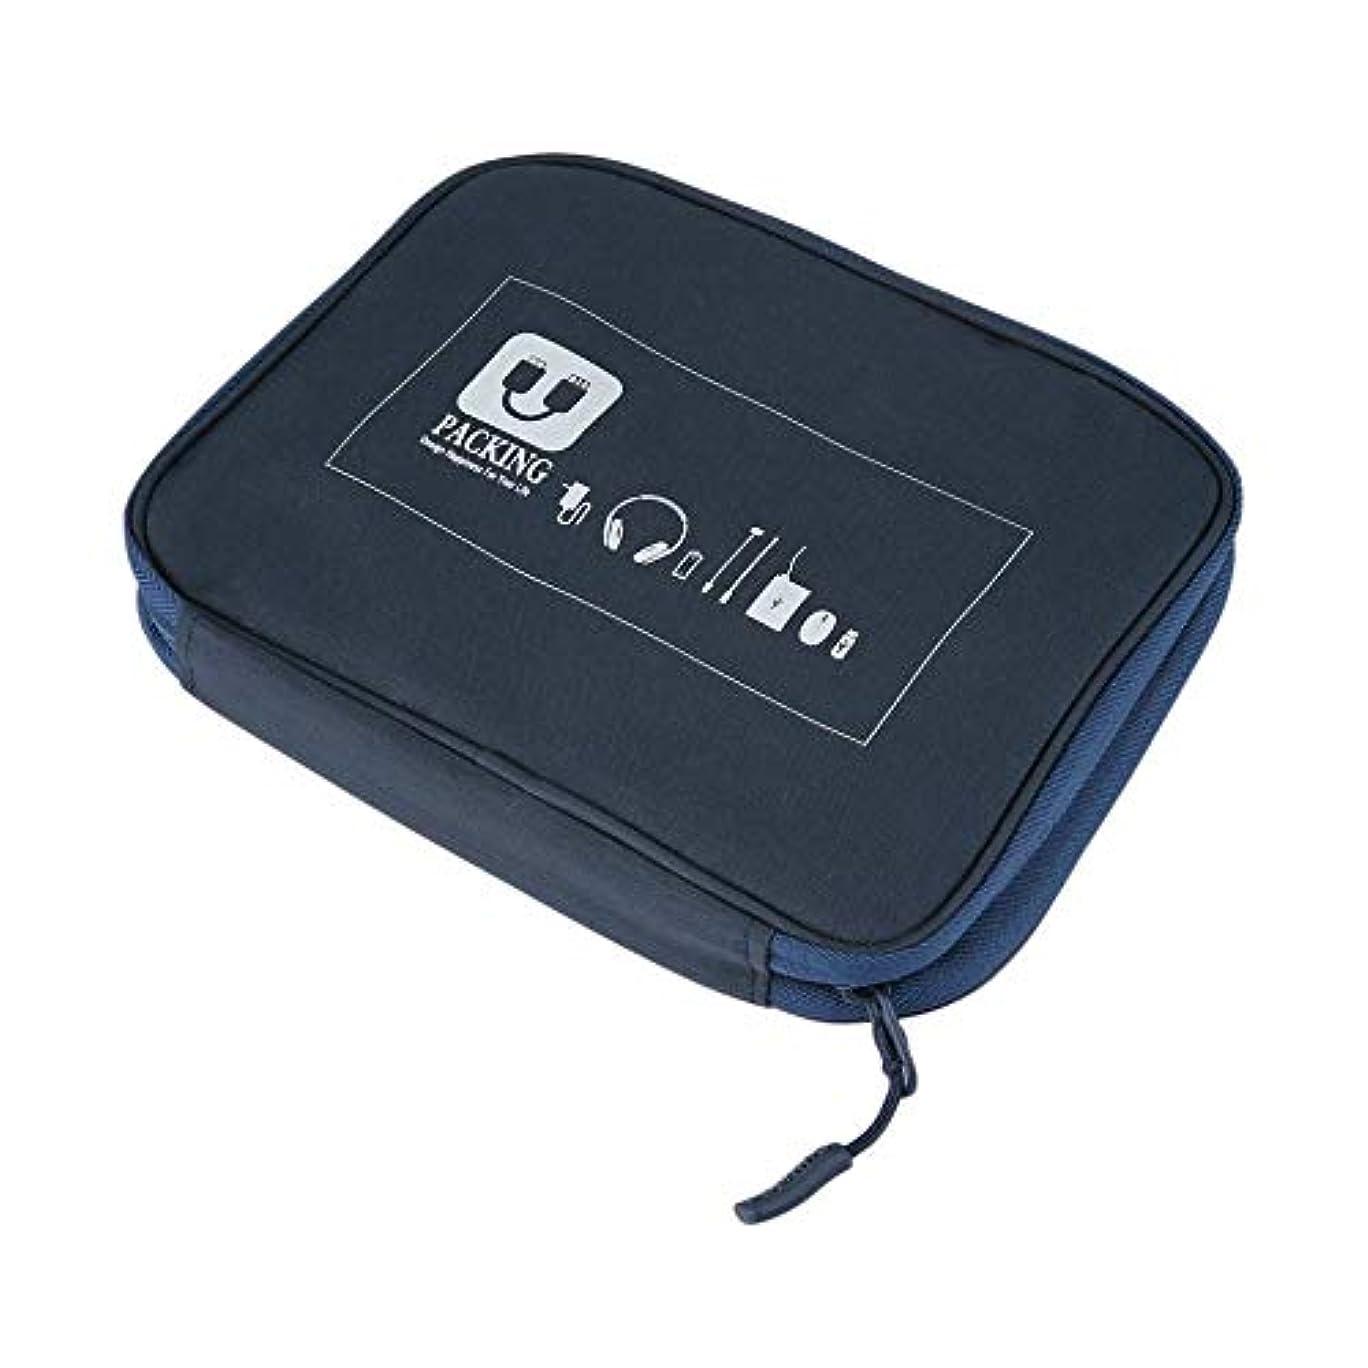 イヤホンデータケーブルのUSBフラッシュは、トラベルケースデジタルストレージバッグポーチドライブ